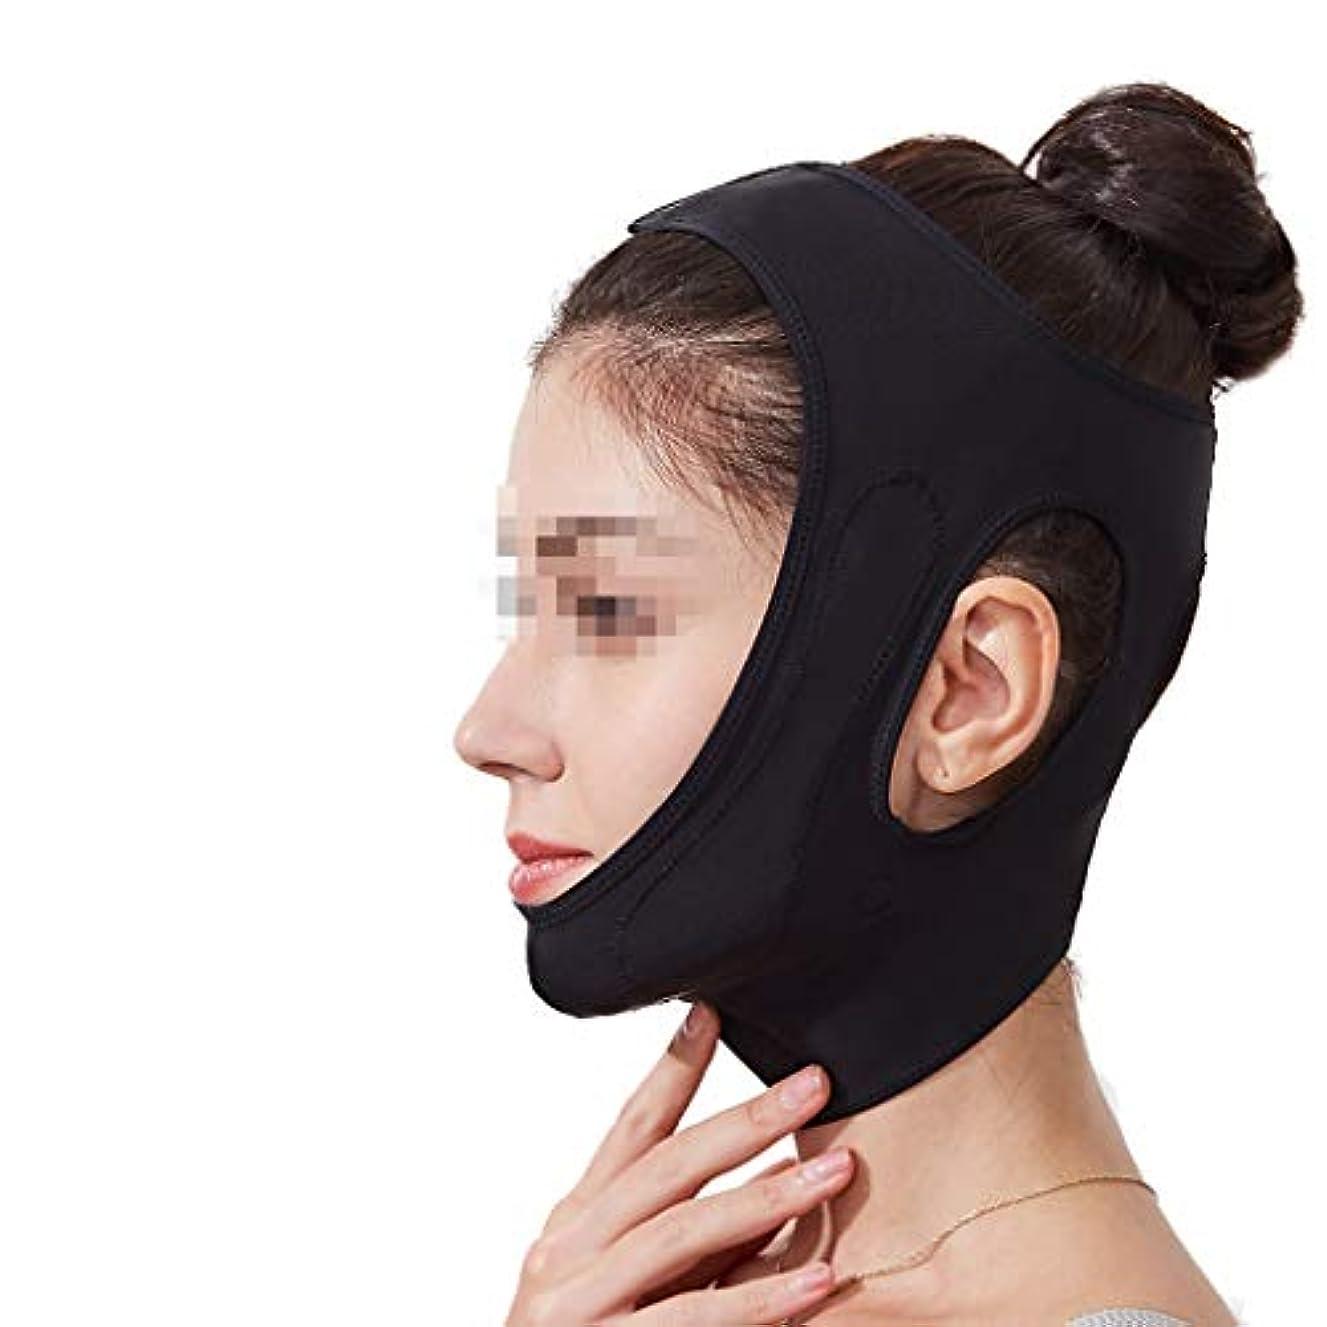 民兵おびえたメディックフェイスリフティング包帯、フェイスマスクフェイスリフトあご快適な顔マルチカラーオプション (Color : Black)